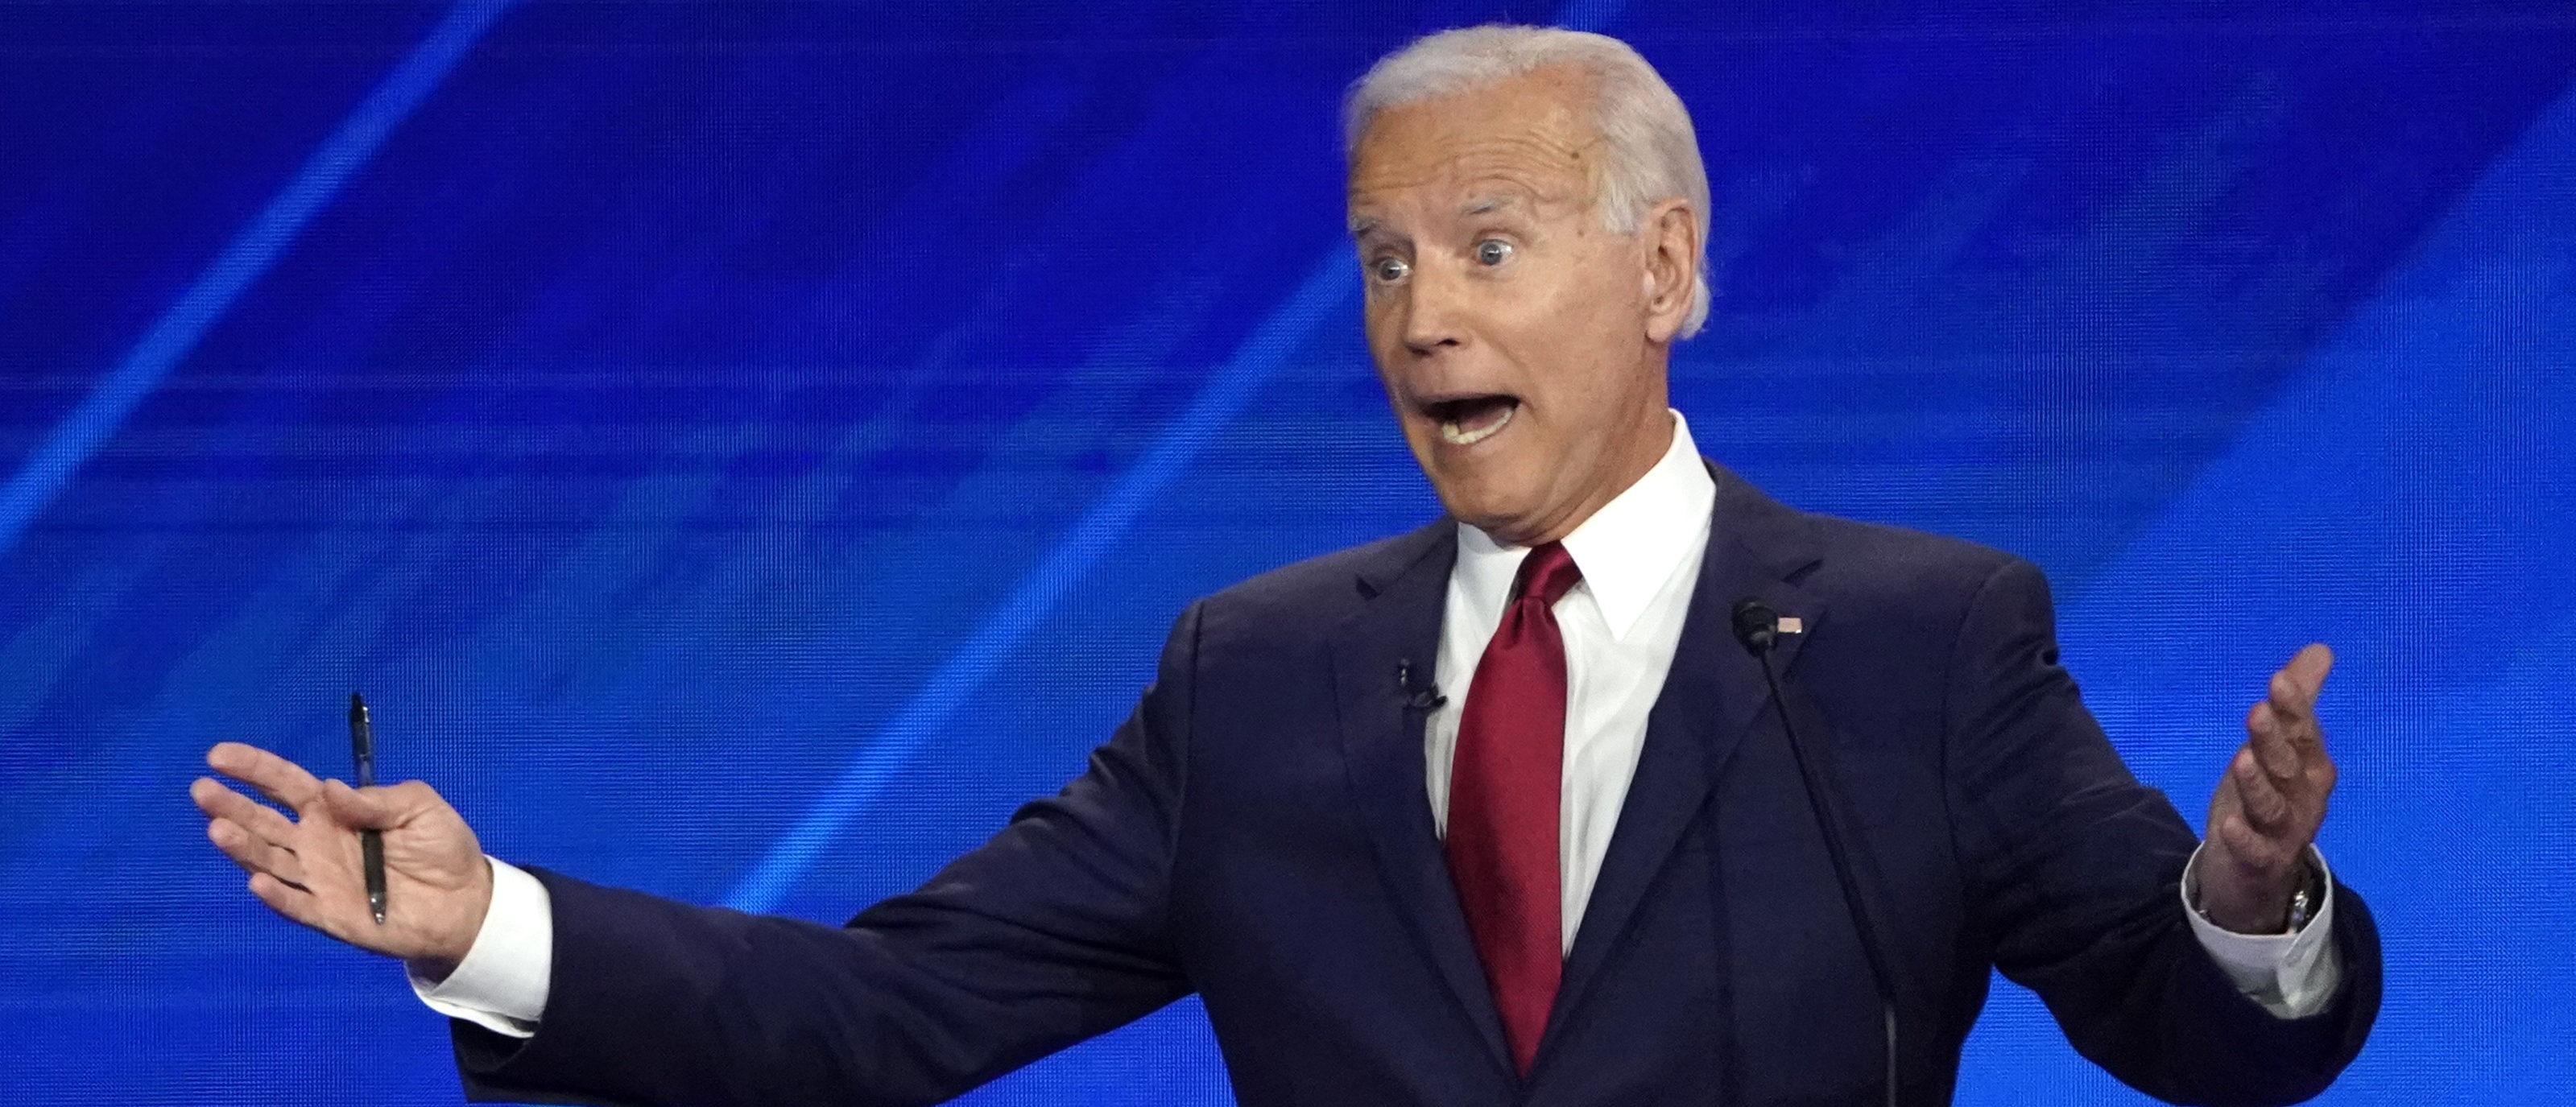 Former Vice President Joe Biden speaks during the 2020 Democratic U.S. presidential debate in Houston, Texas, U.S.